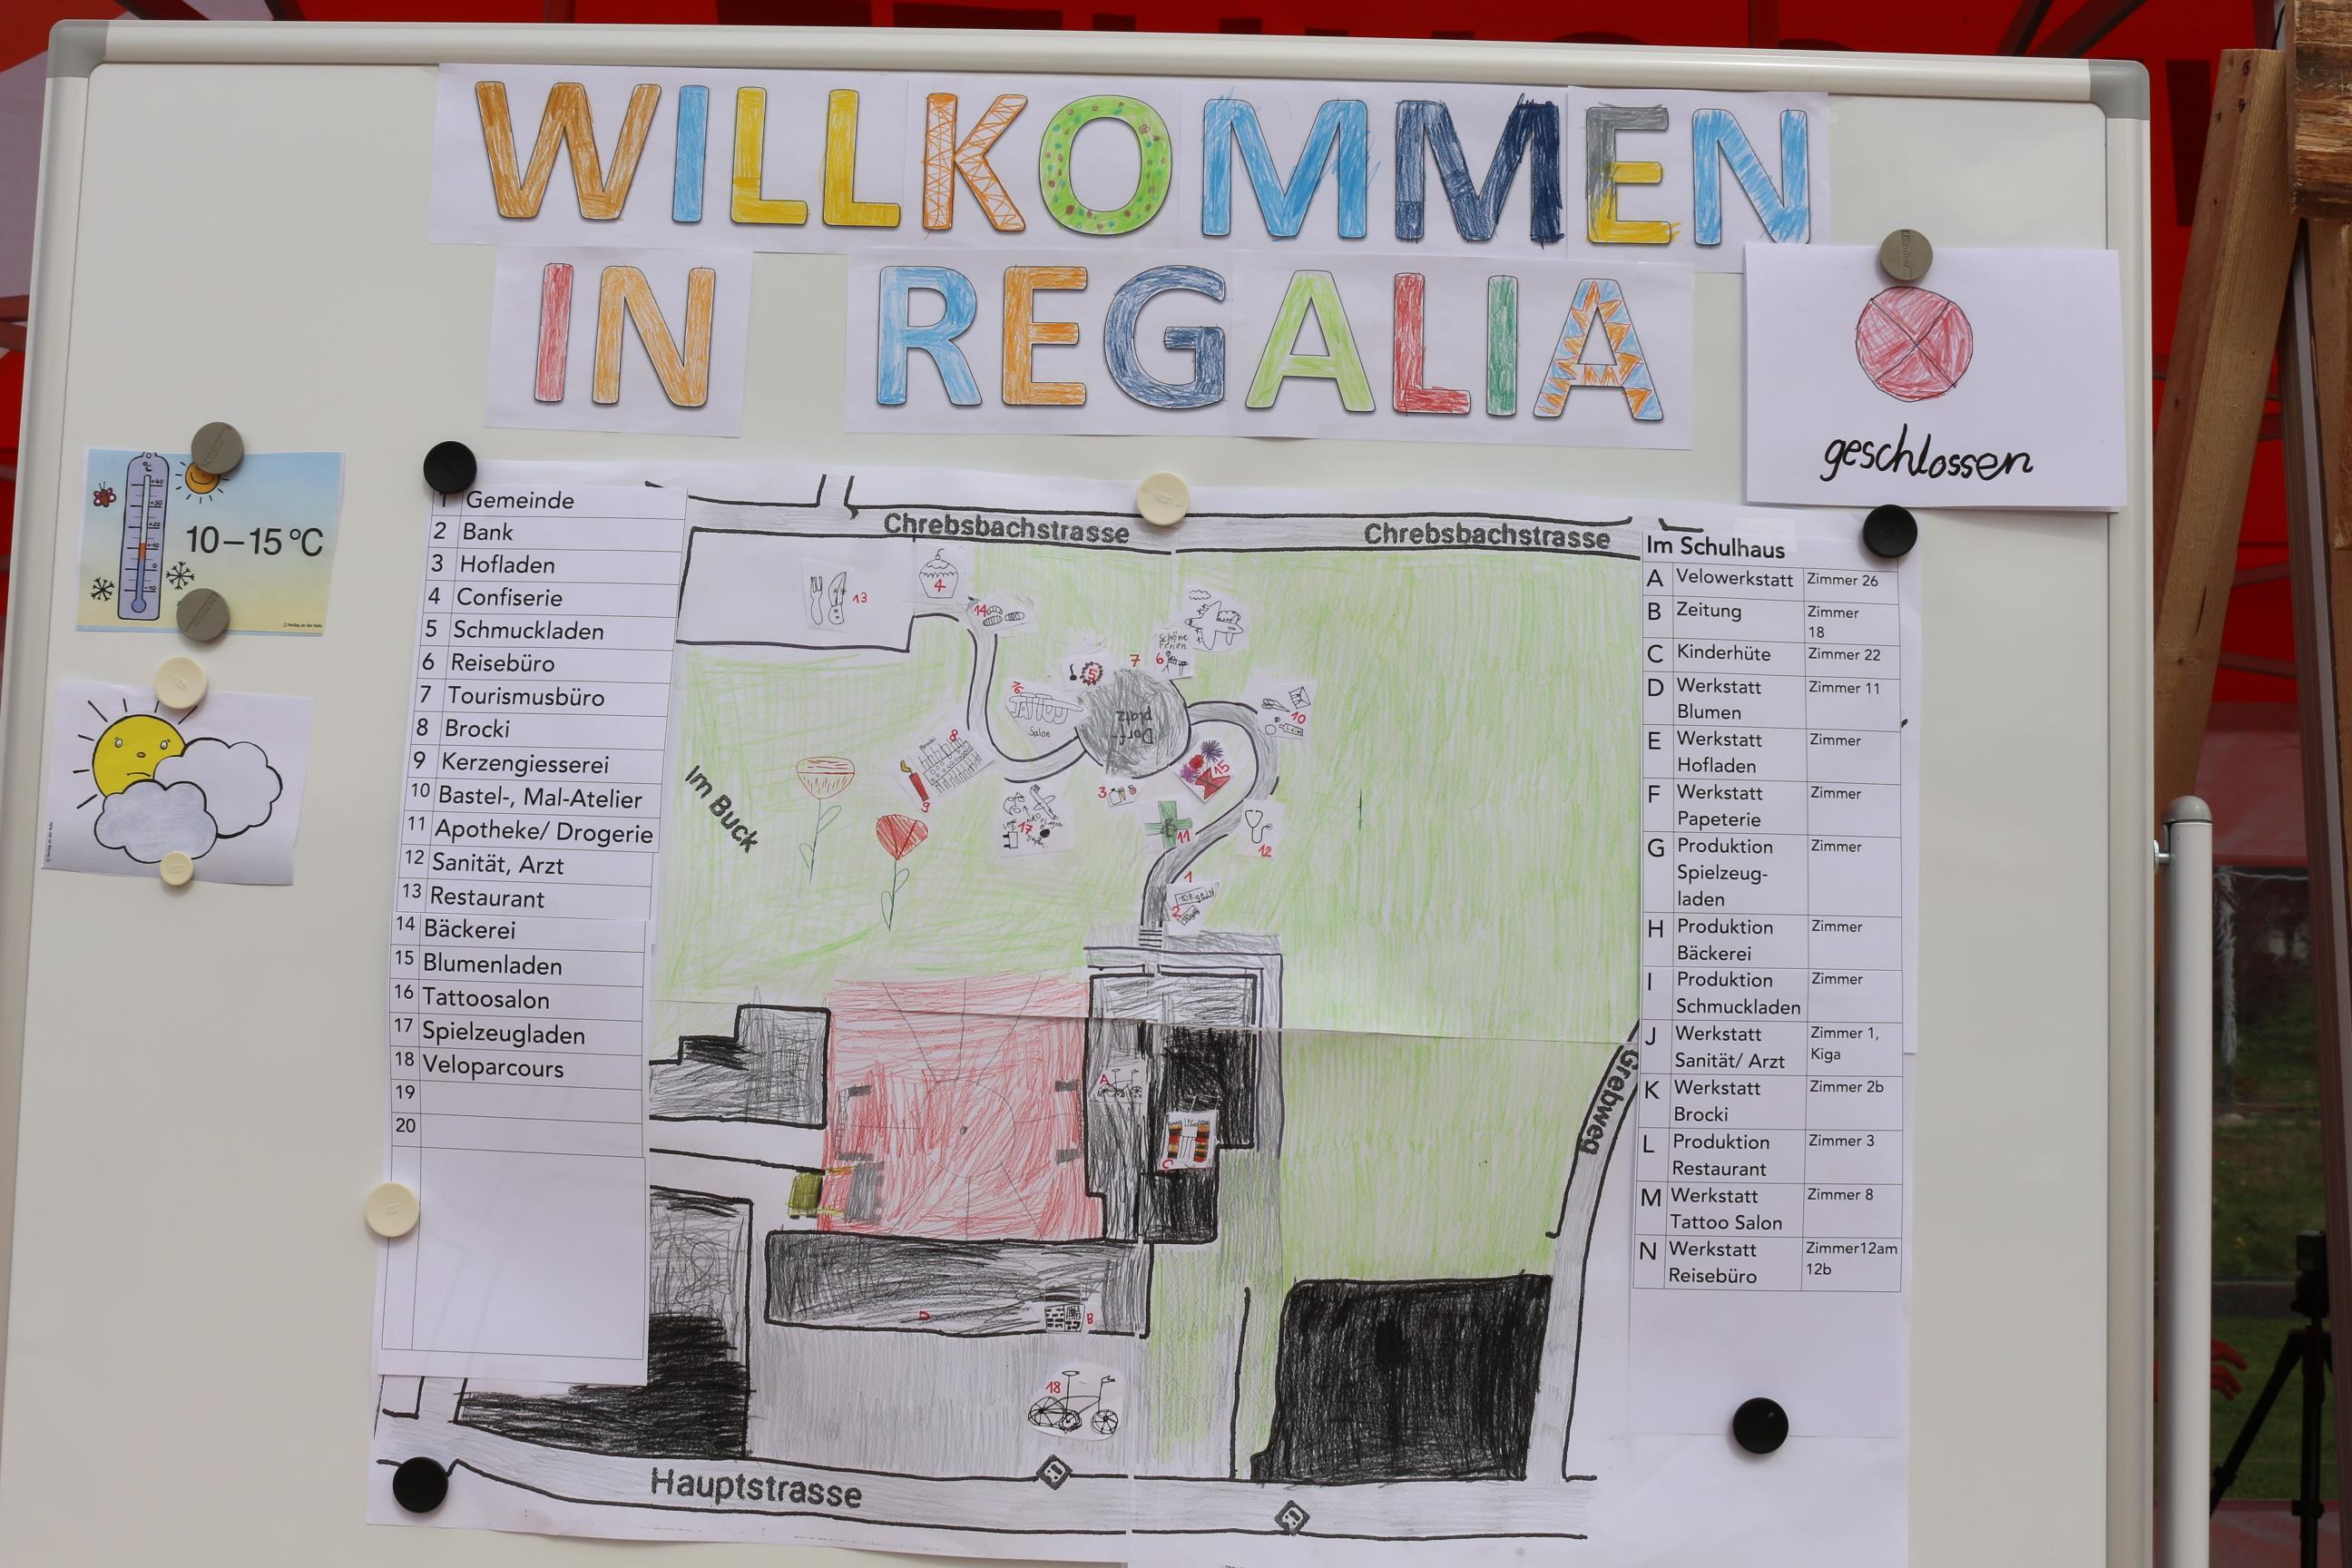 http://primarschule-steinmaur.ch/wp-content/uploads/2018/04/IMG_8566-Copy.jpg